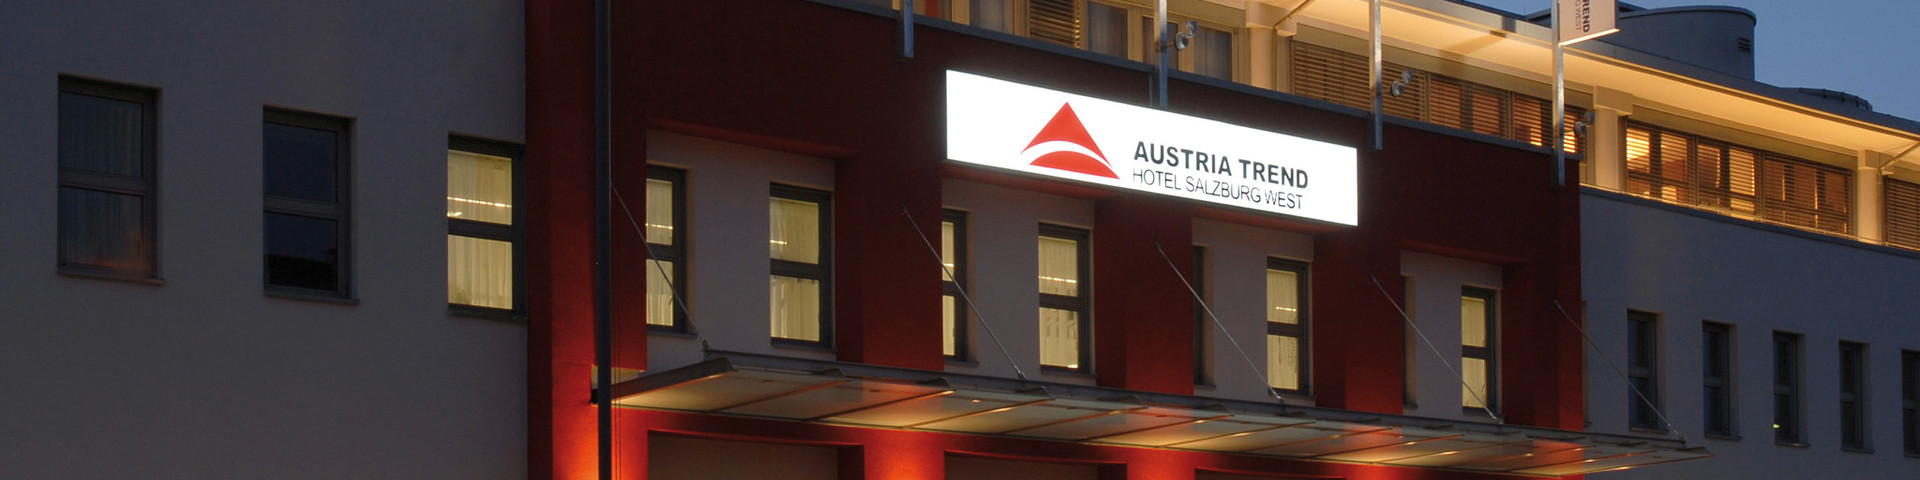 Austria Trend Hotel Salzburg West - Aussenansicht © Austria Trend Hotels